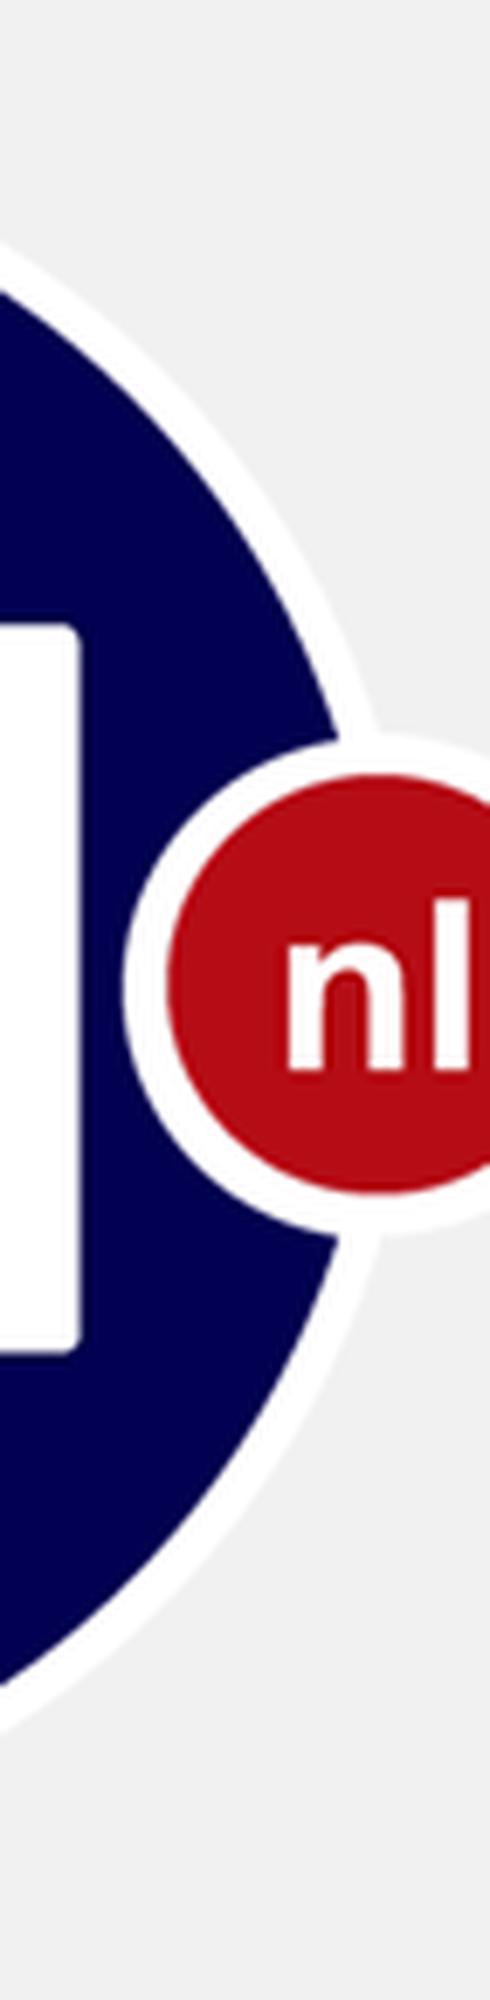 NU.nl neemt fotopersbureau Bruno Press over